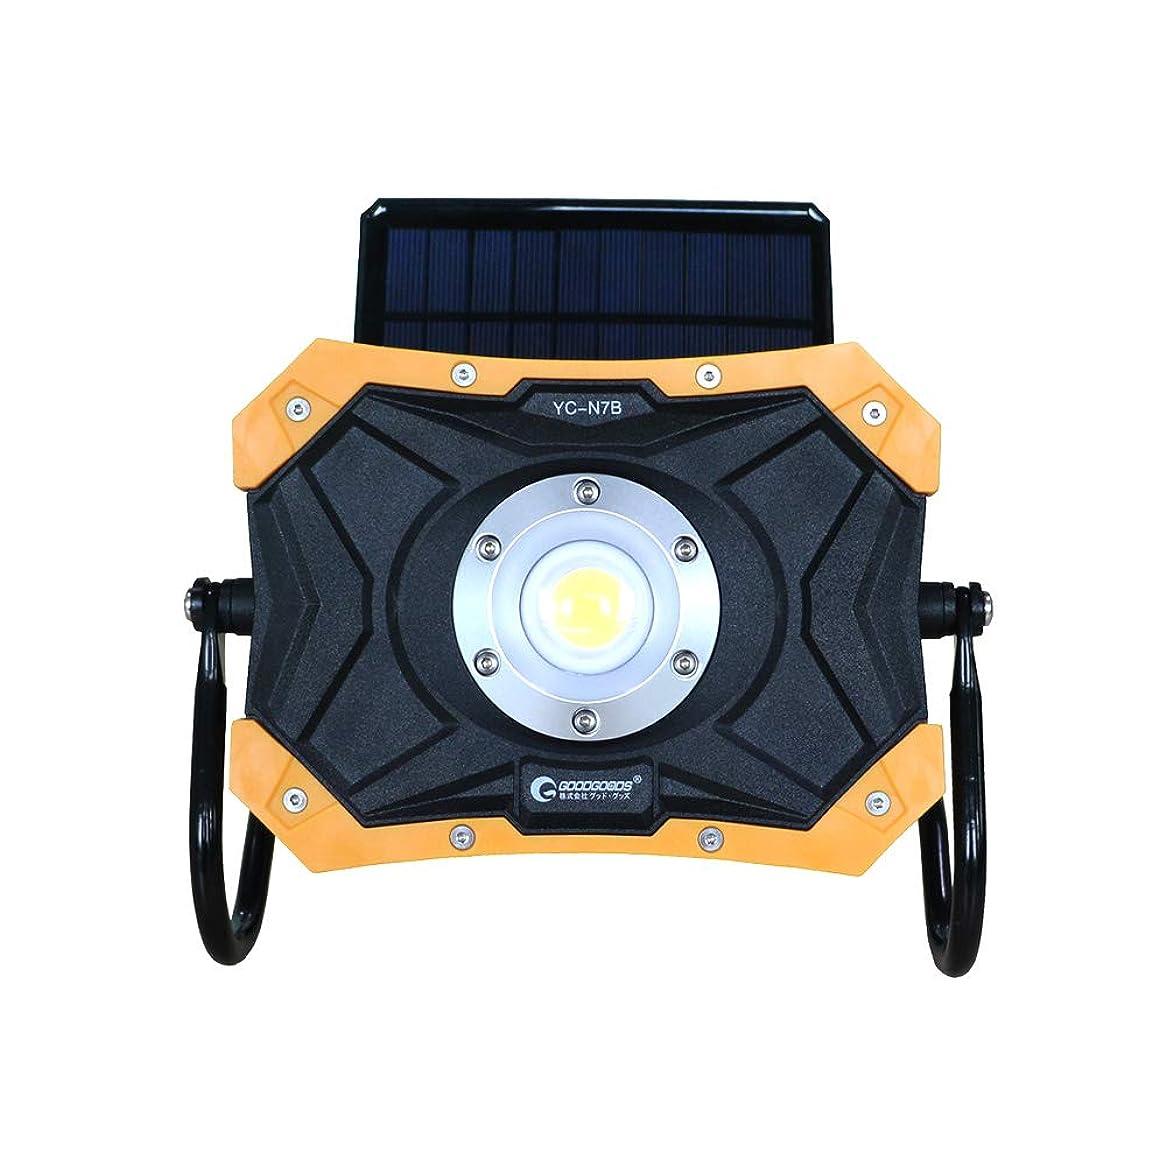 ステッチの検索GOODGOODS 意匠権?実用新案登録 充電式 COB LED作業灯 20W 折り畳み式 ソーラーパネル搭載 投光器 ledライト マグネット付き 夜間照明 防災グッズ アウトドア YC-N7B